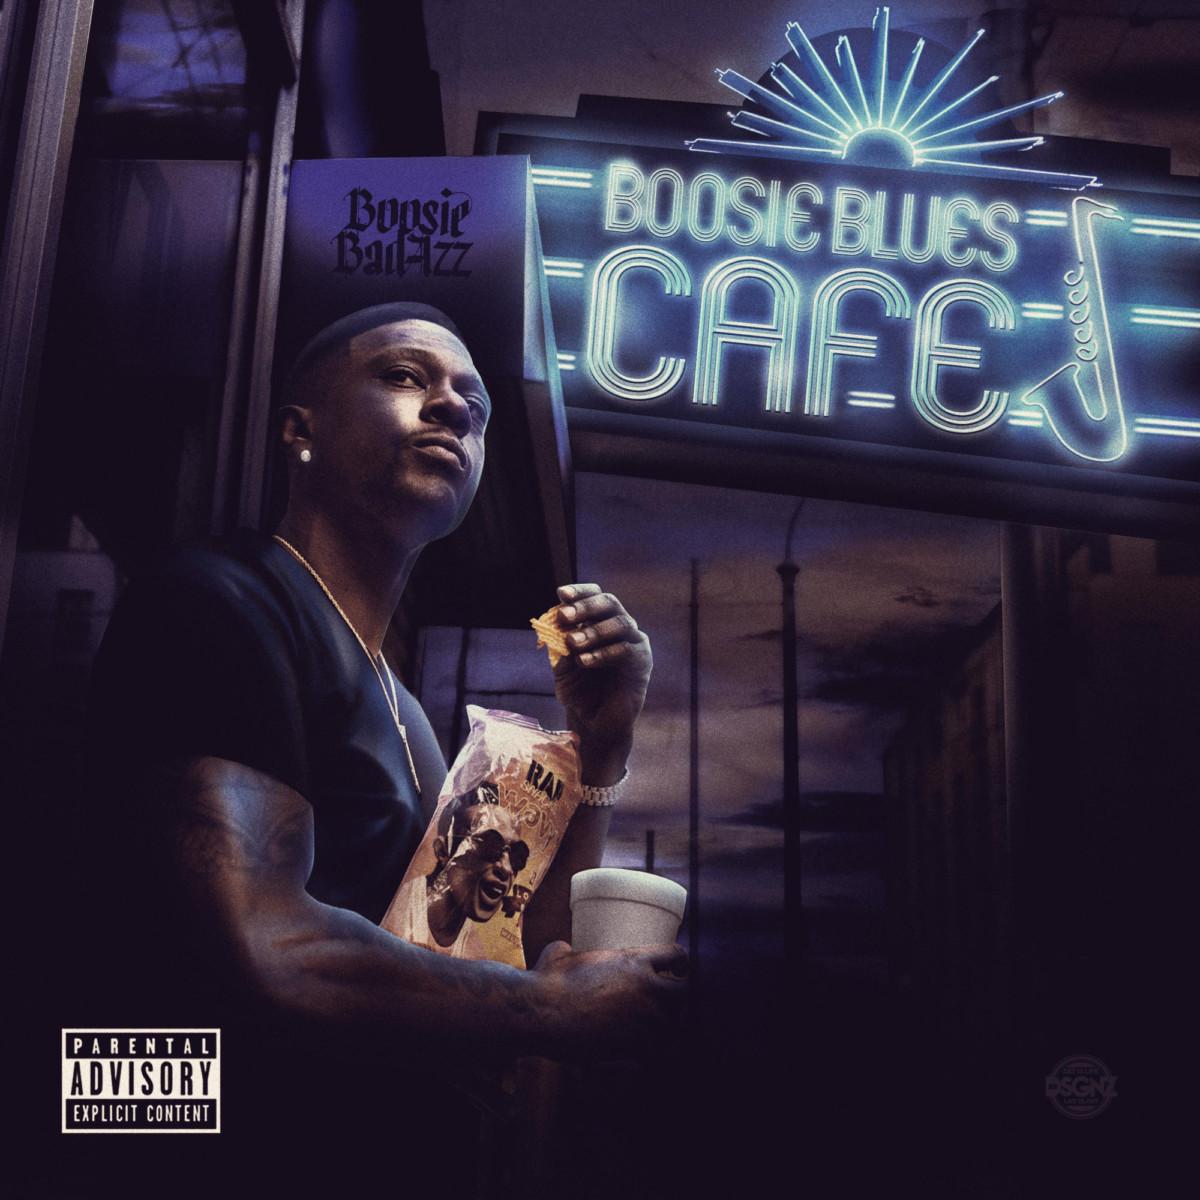 Boosie Badazz — «Boosie Blues Cafe»